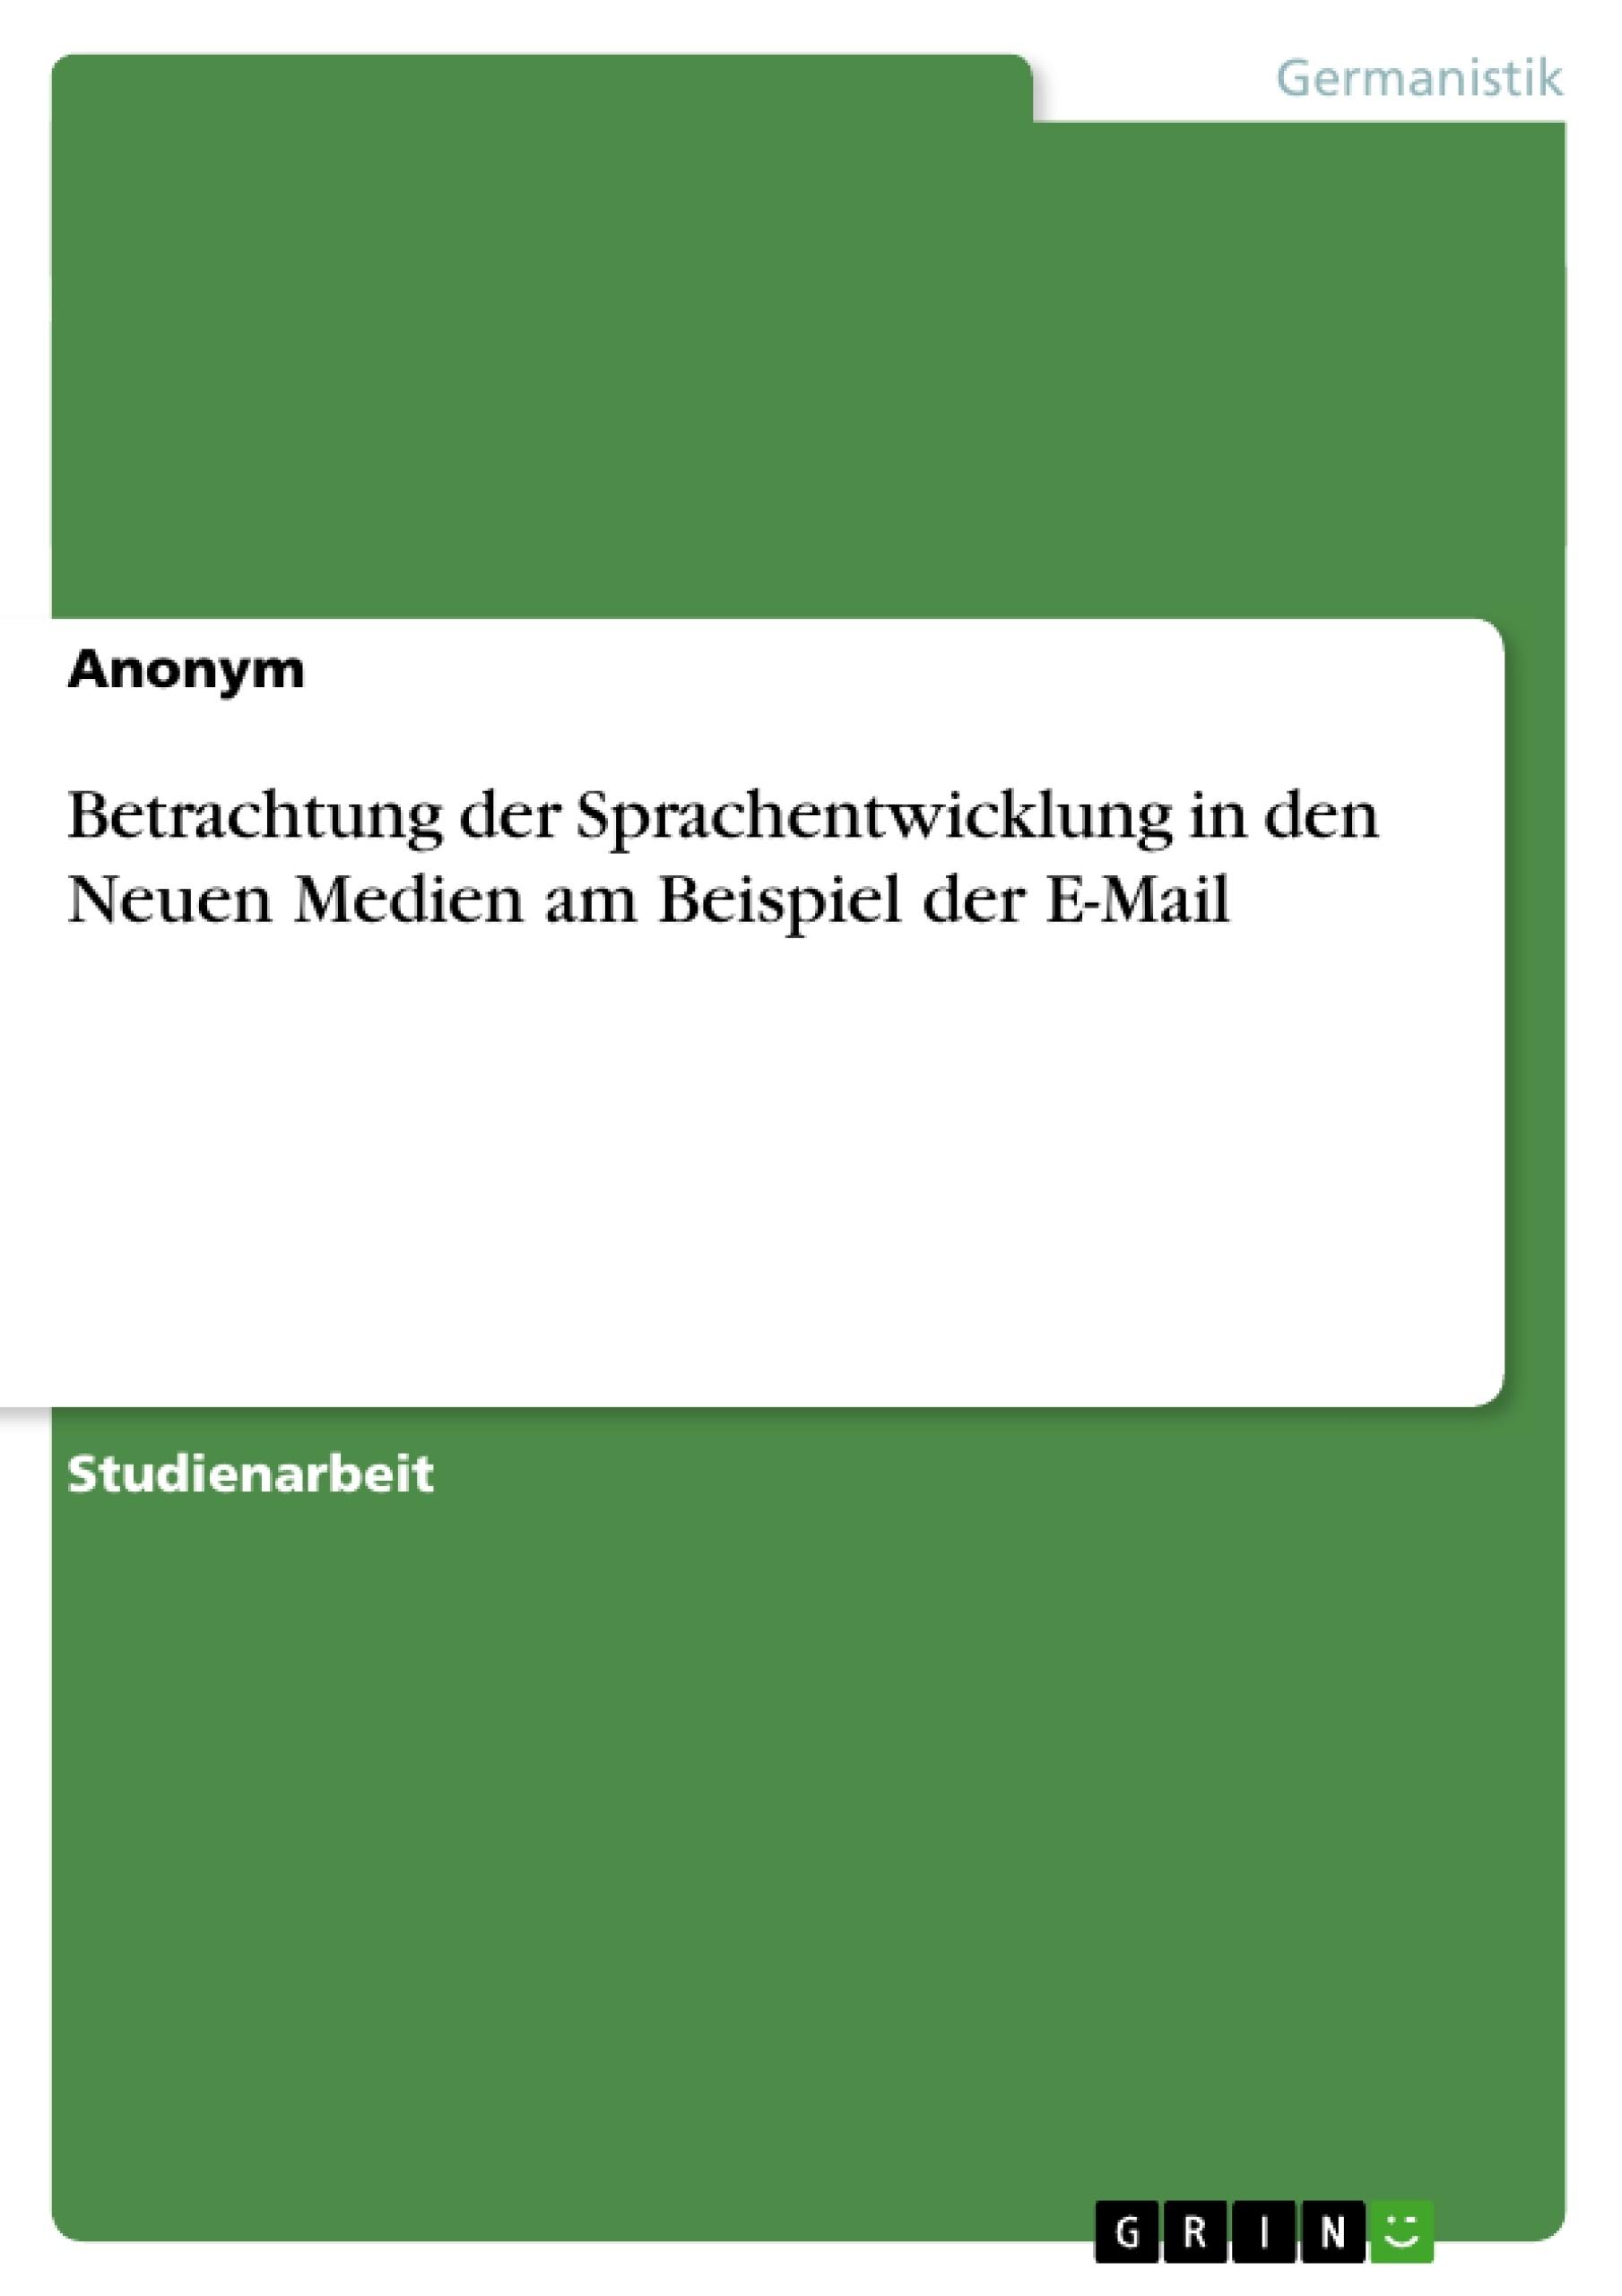 Titel: Betrachtung der Sprachentwicklung in den Neuen Medien am Beispiel der E-Mail